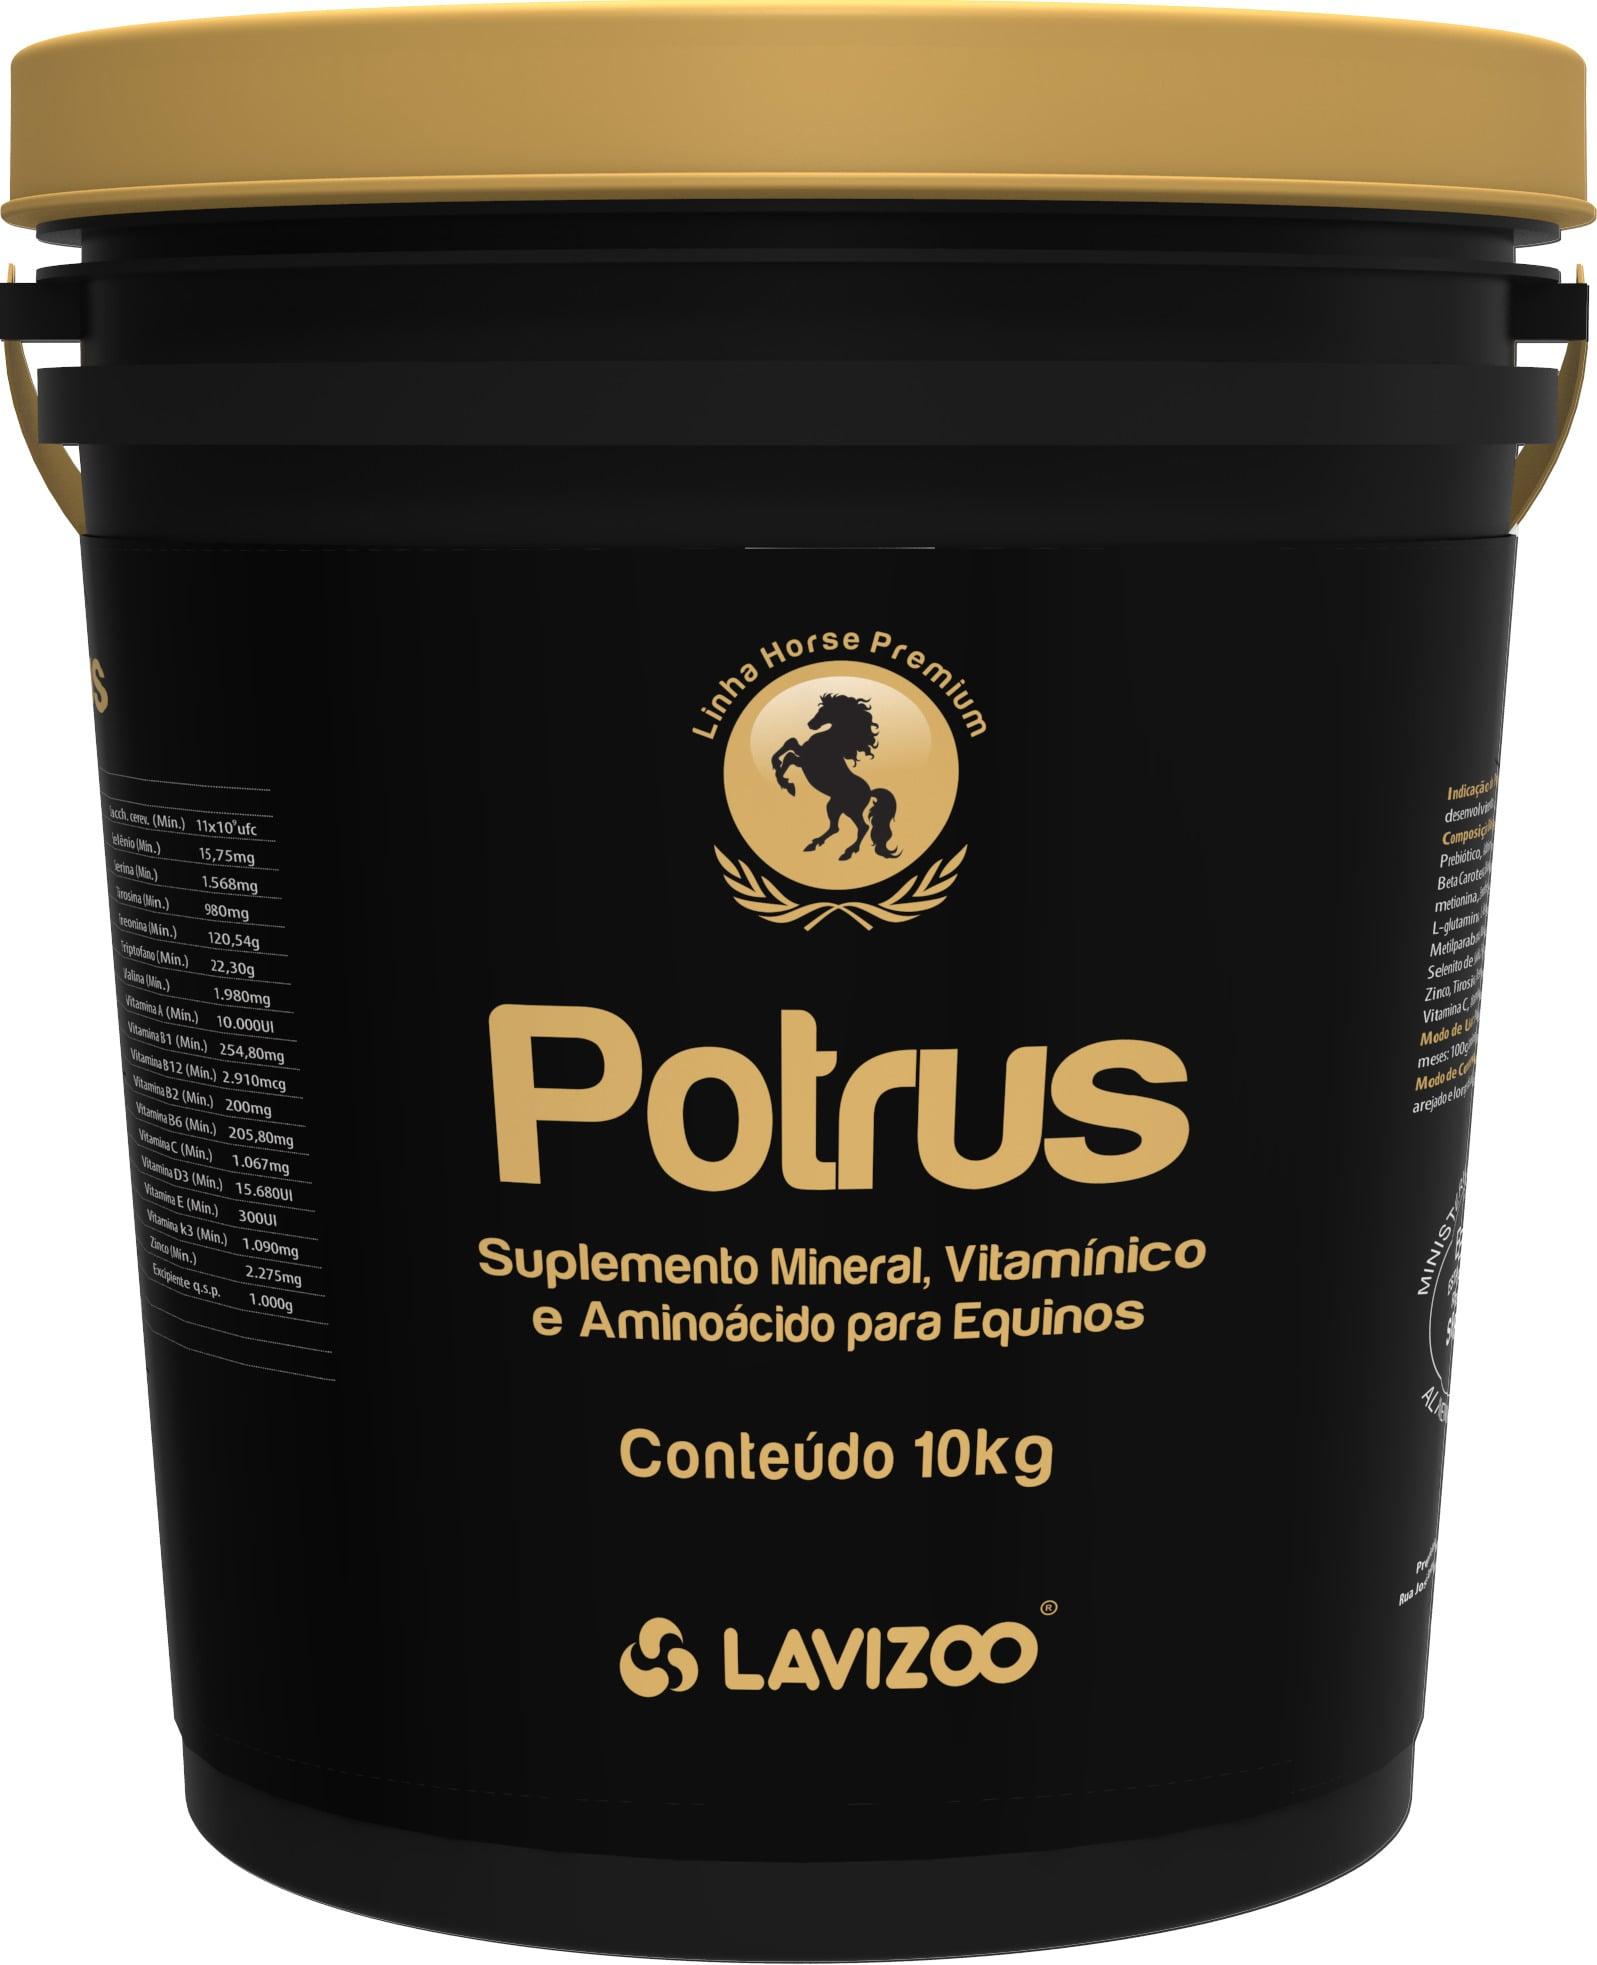 Potrus 10kg Lavizoo - Linha Premium Suplementação Equina